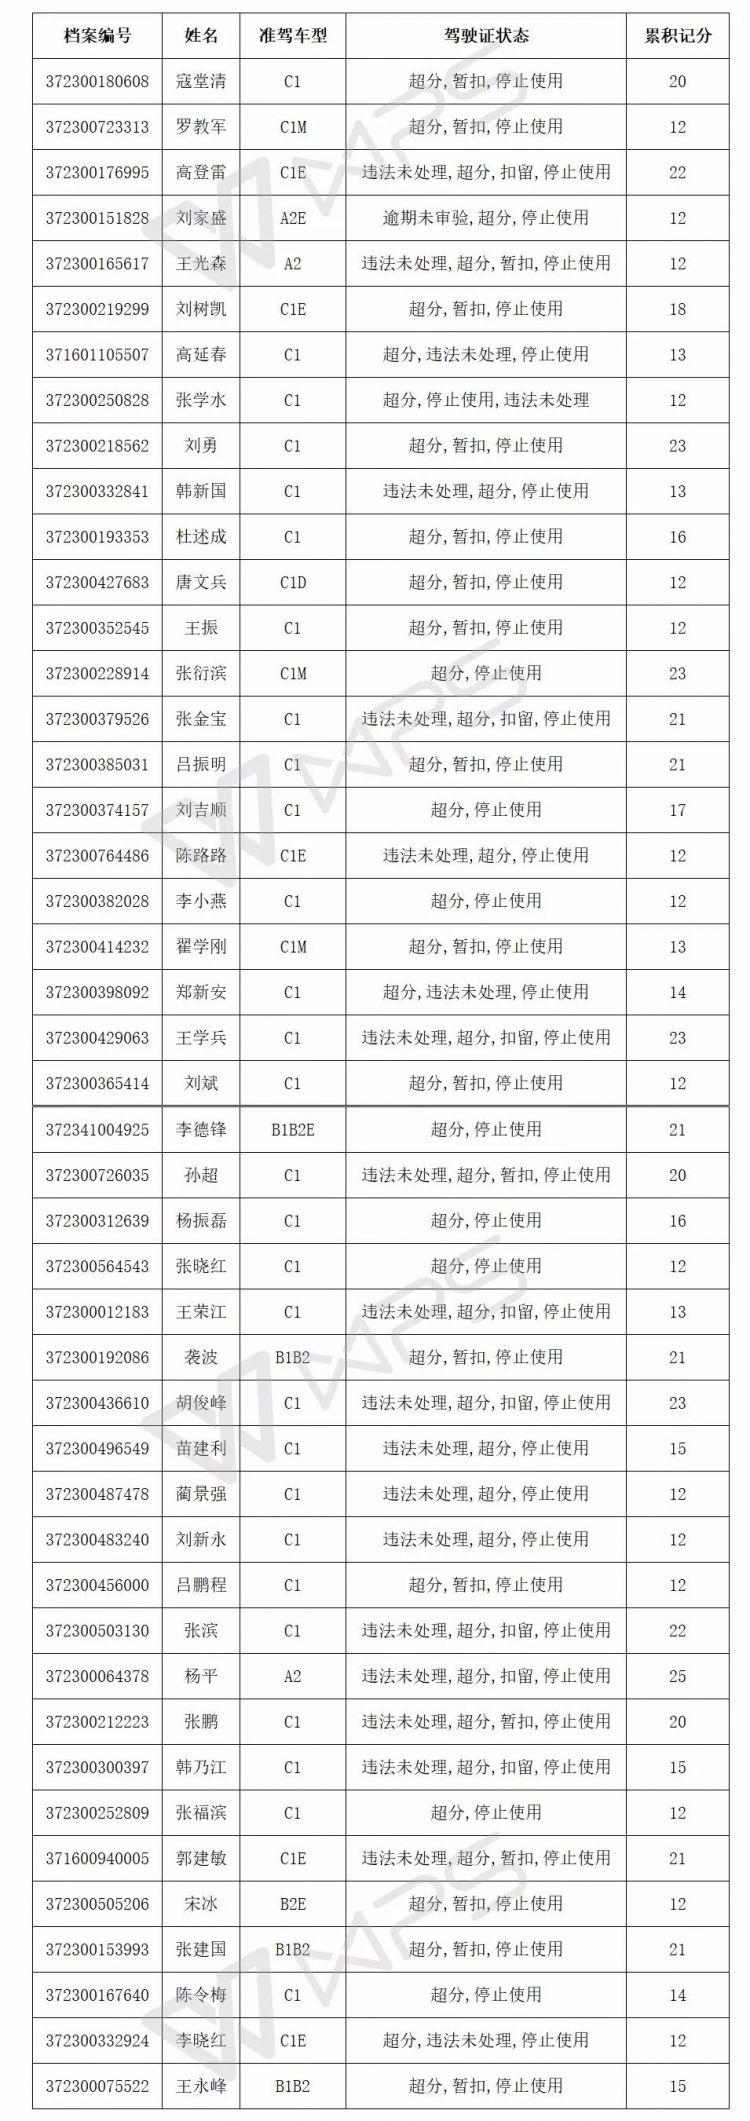 最新!滨州这164人驾驶证满12分被停止使用!